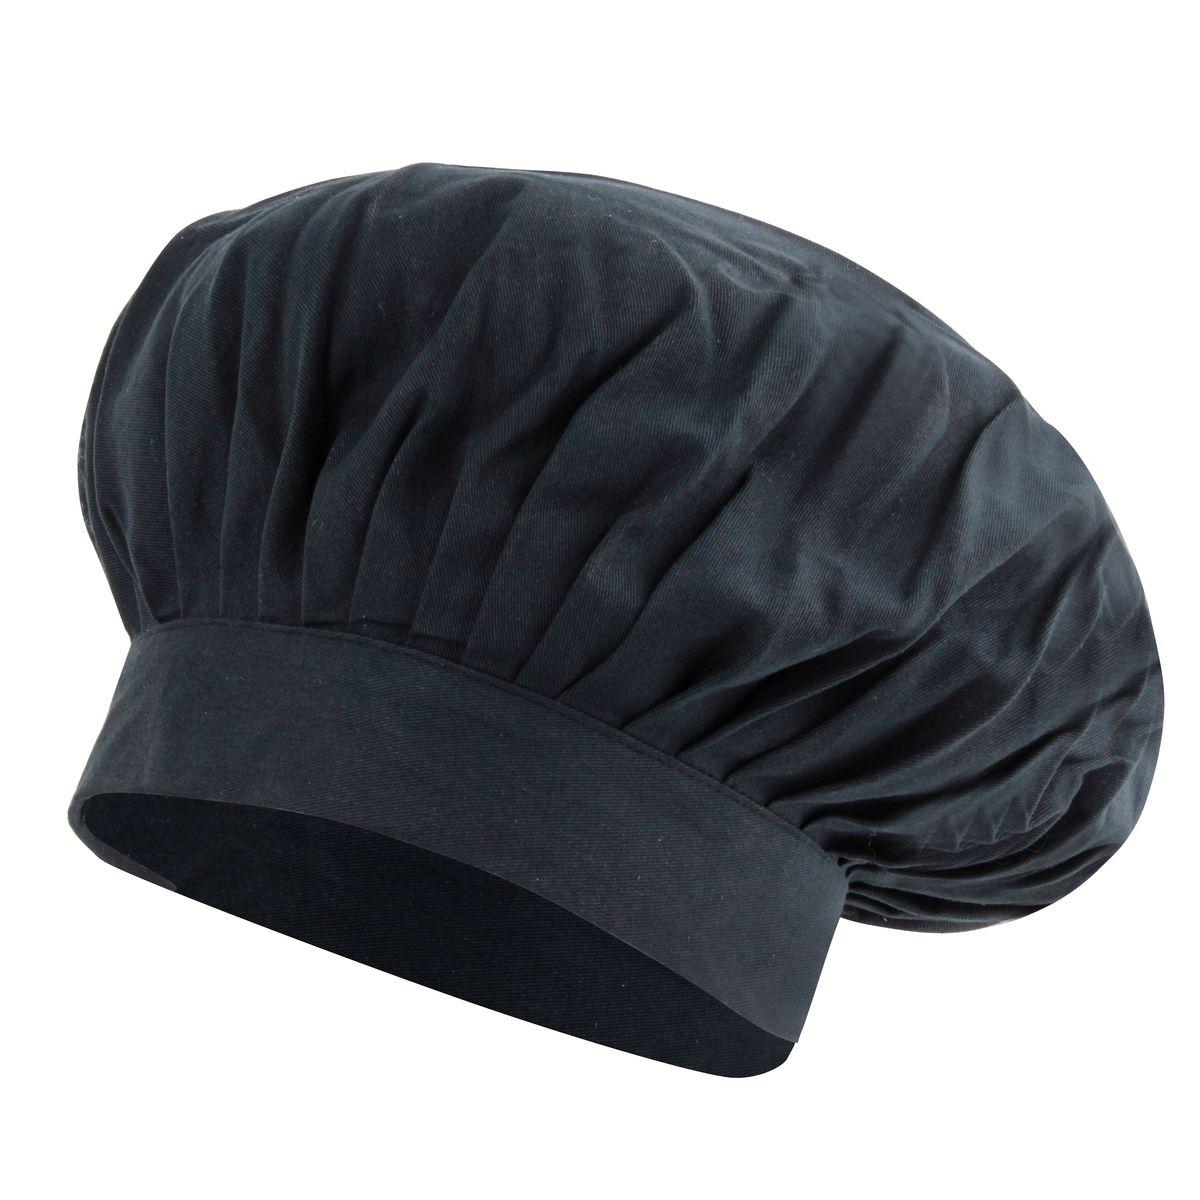 Toque noire 30x30cm 100% coton - Alice Délice